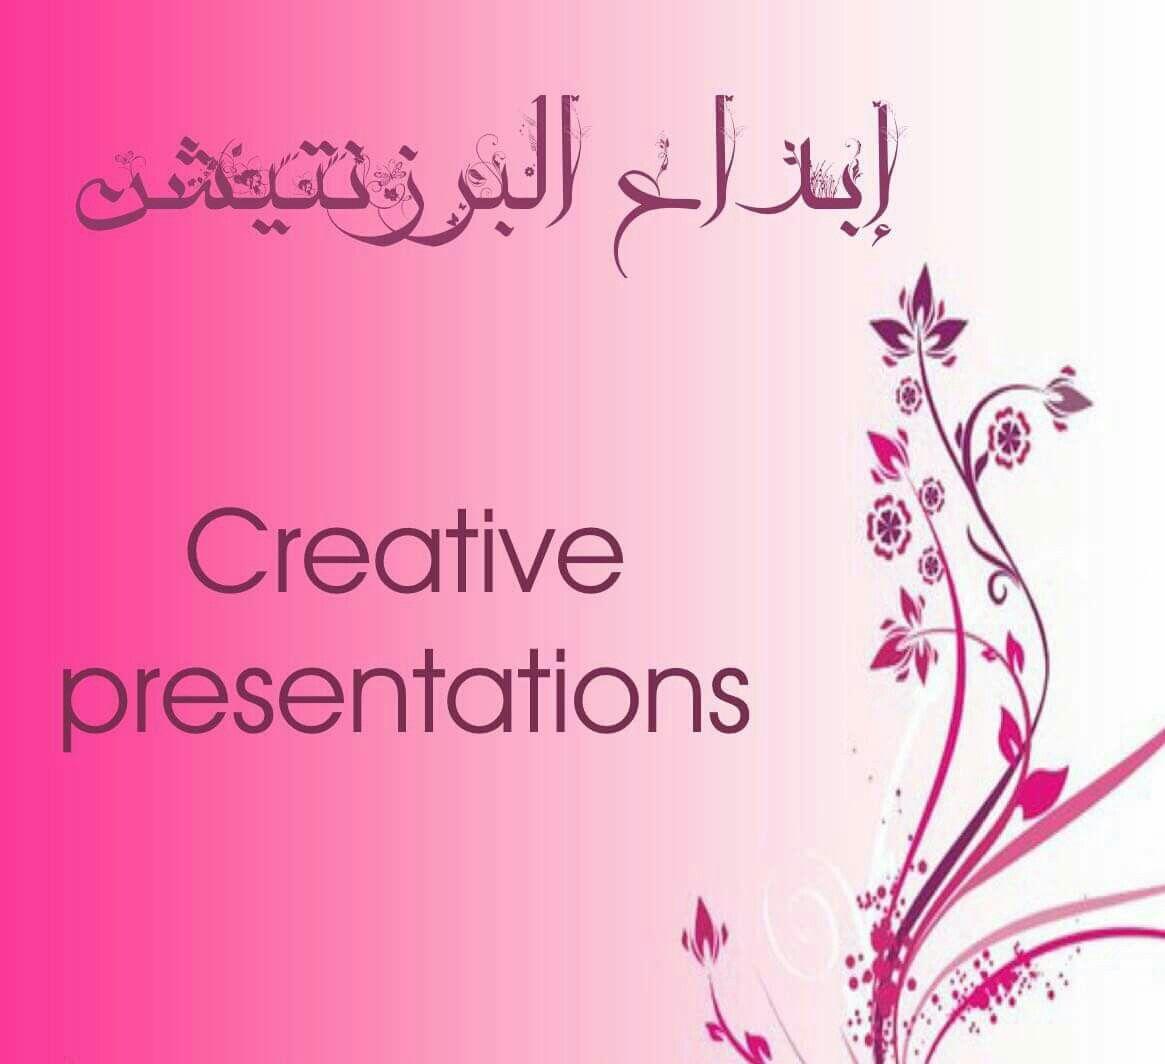 هل تبحث عن التميز والإبداع هل مللت من استخدام الجميع لبرنامج Power Point الشهير نحن جئناك اليوم ببرامج احترافية وجديدة لإ Presentation Creative Calligraphy